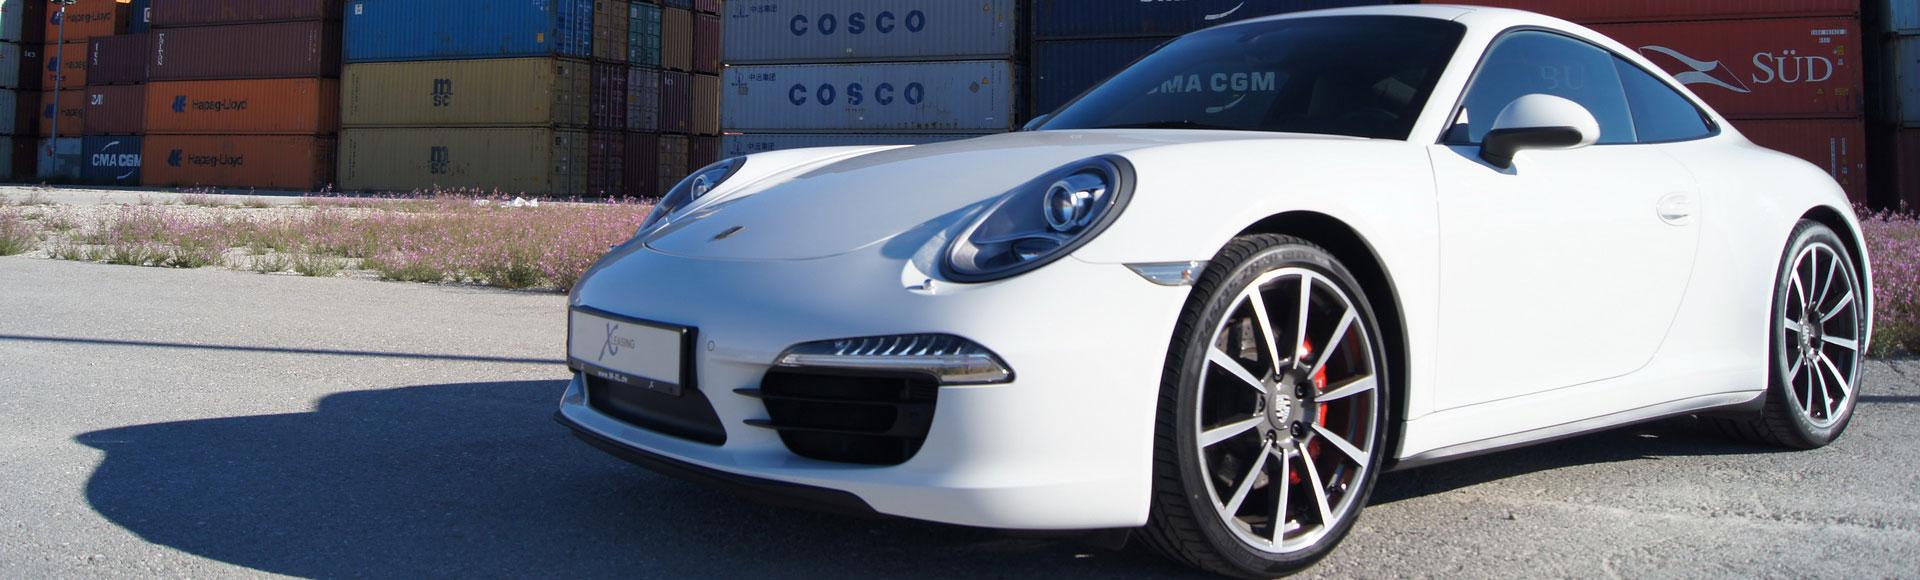 Porsche 991 4S 2012 sommer 172